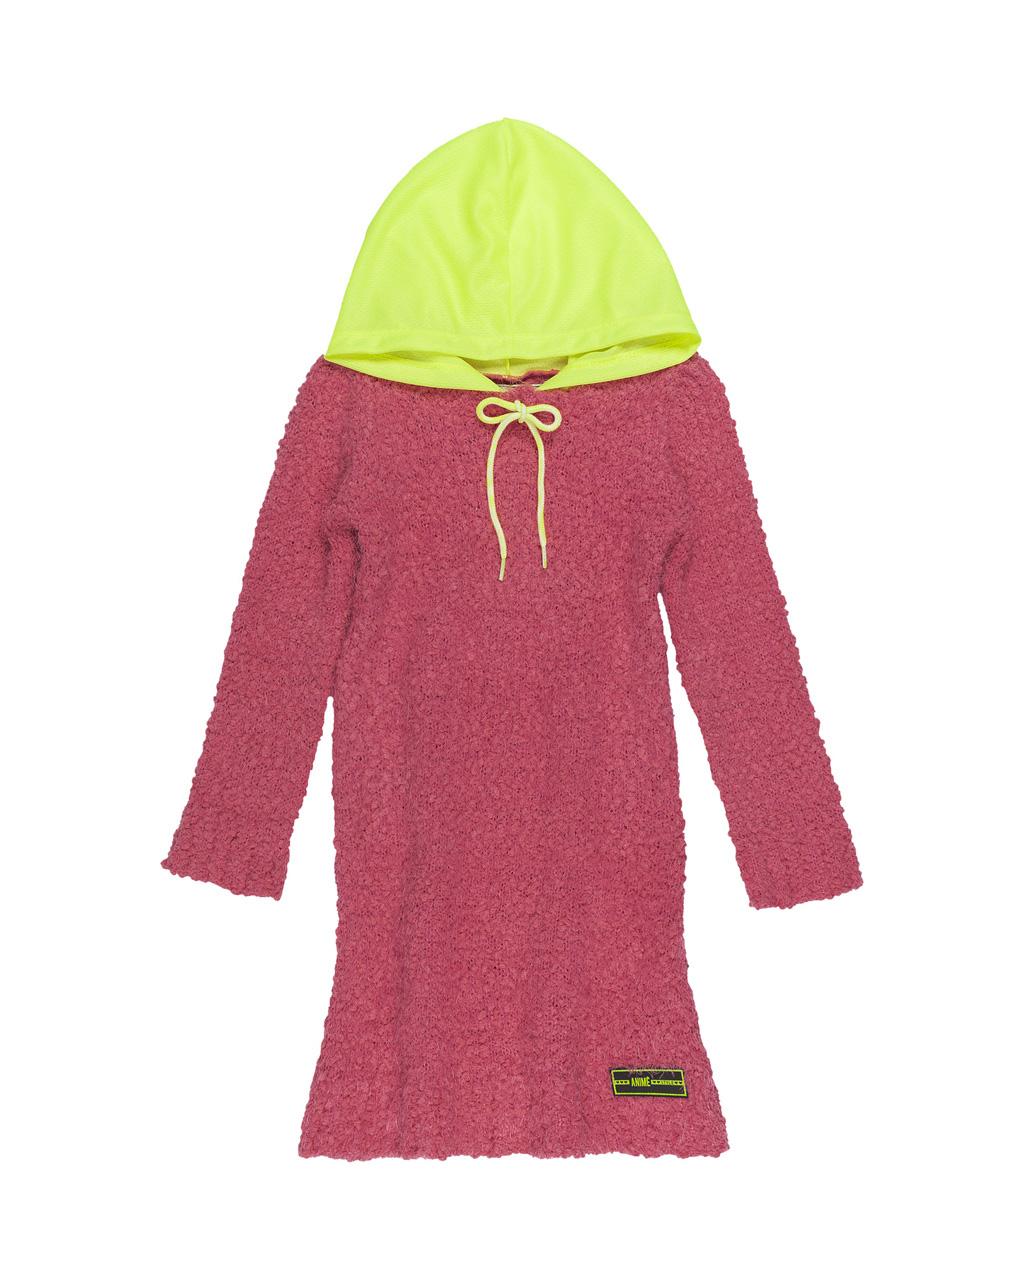 Vestido Infantil Tricot Fluffy Rosa com Capuz Amarelo Neon Animê